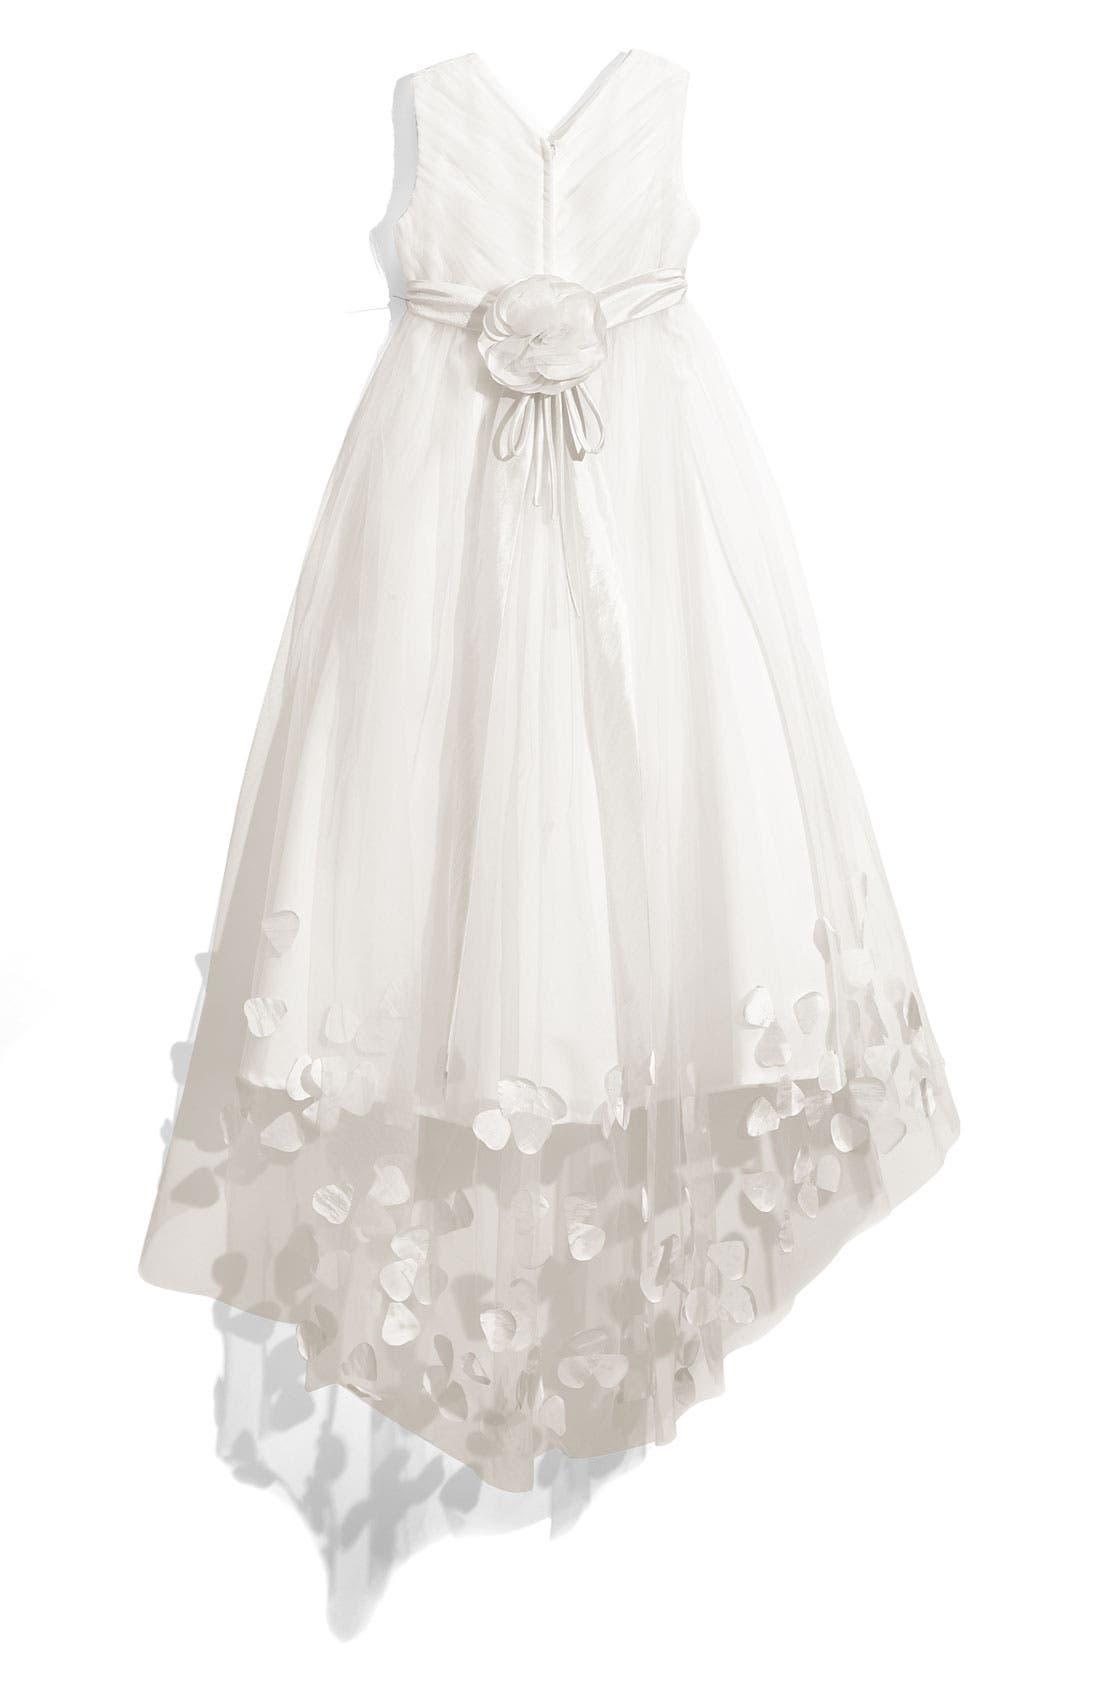 Alternate Image 2  - Joan Calabrese for Mon Cheri Tulle & Taffeta Floor Length Dress (Little Girls & Big Girls)